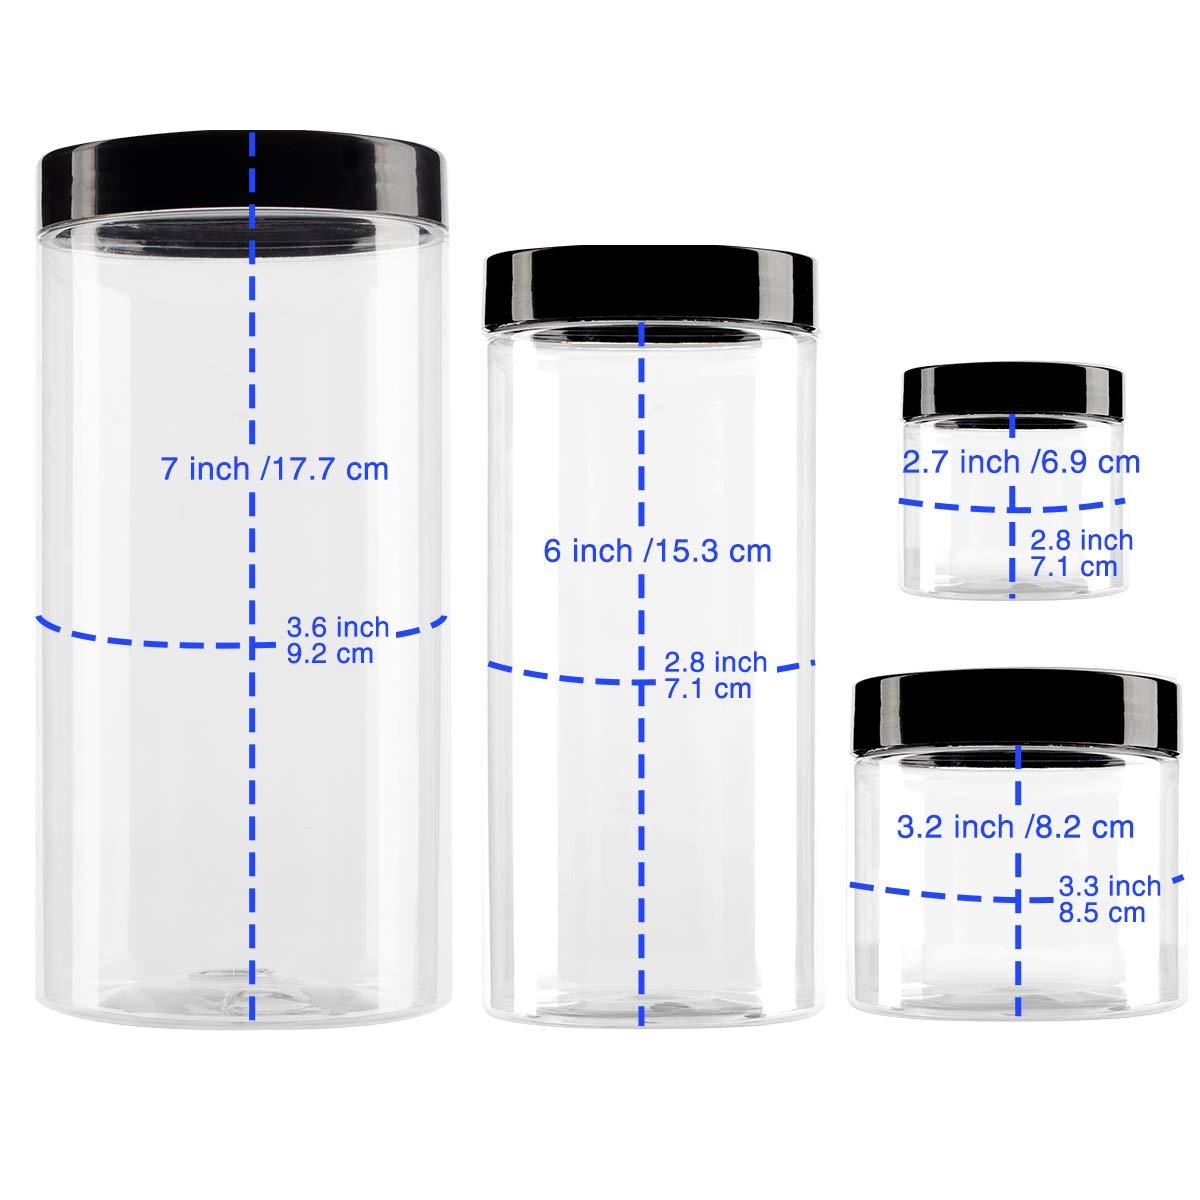 Full Size of Aufbewahrungsbehälter Für Küche Aufbewahrungsbehälter Küche Metall Aufbewahrungsbehälter Küche Keramik Aufbewahrungsbehälter Küche Kaufen Küche Aufbewahrungsbehälter Küche